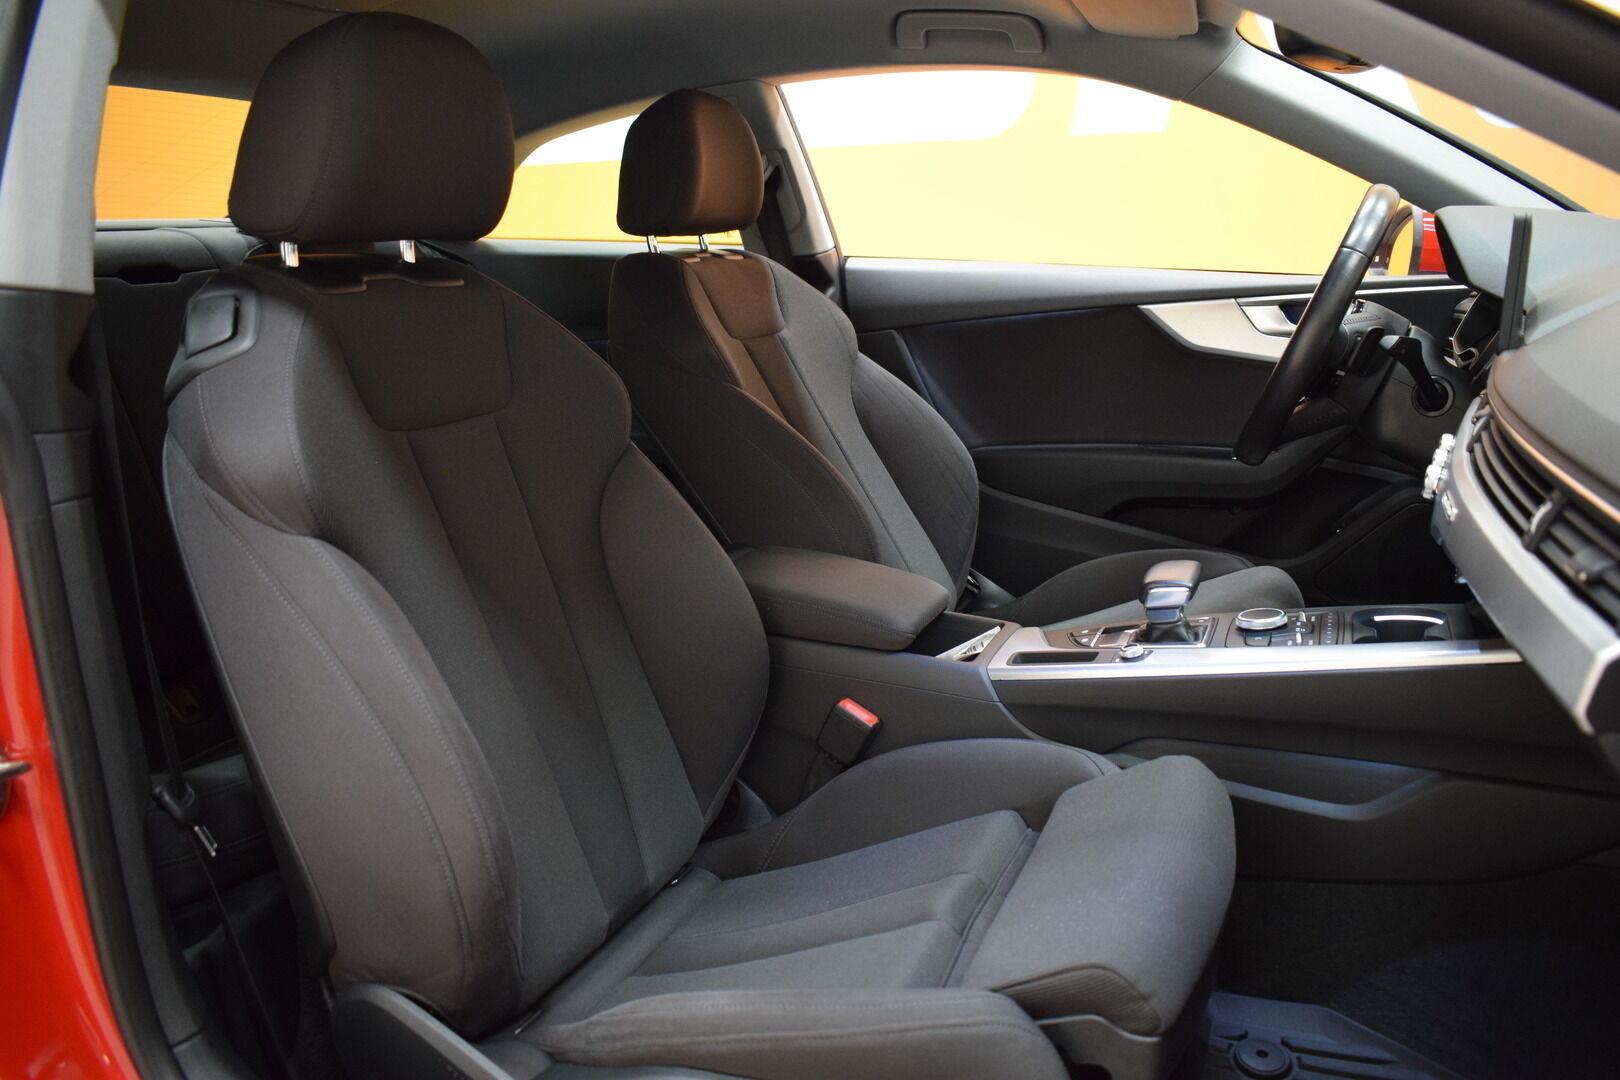 Punainen Coupe, Audi A5 – KON-06797, kuva 9